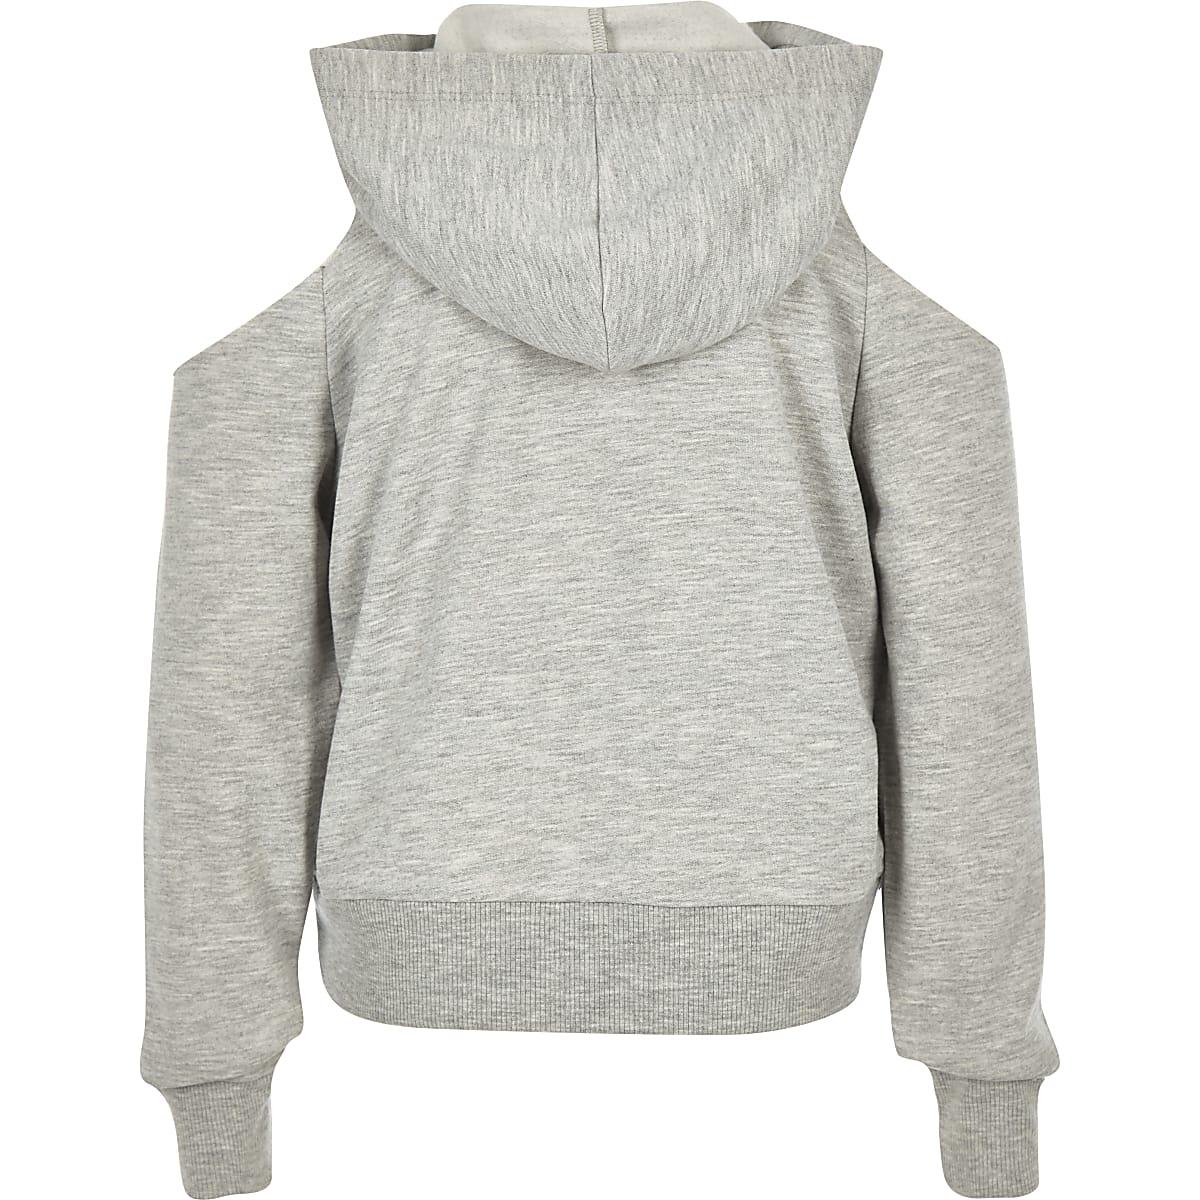 b9226ae74 Girls grey sequin tiger cold shoulder hoodie - Hoodies / Sweatshirts ...